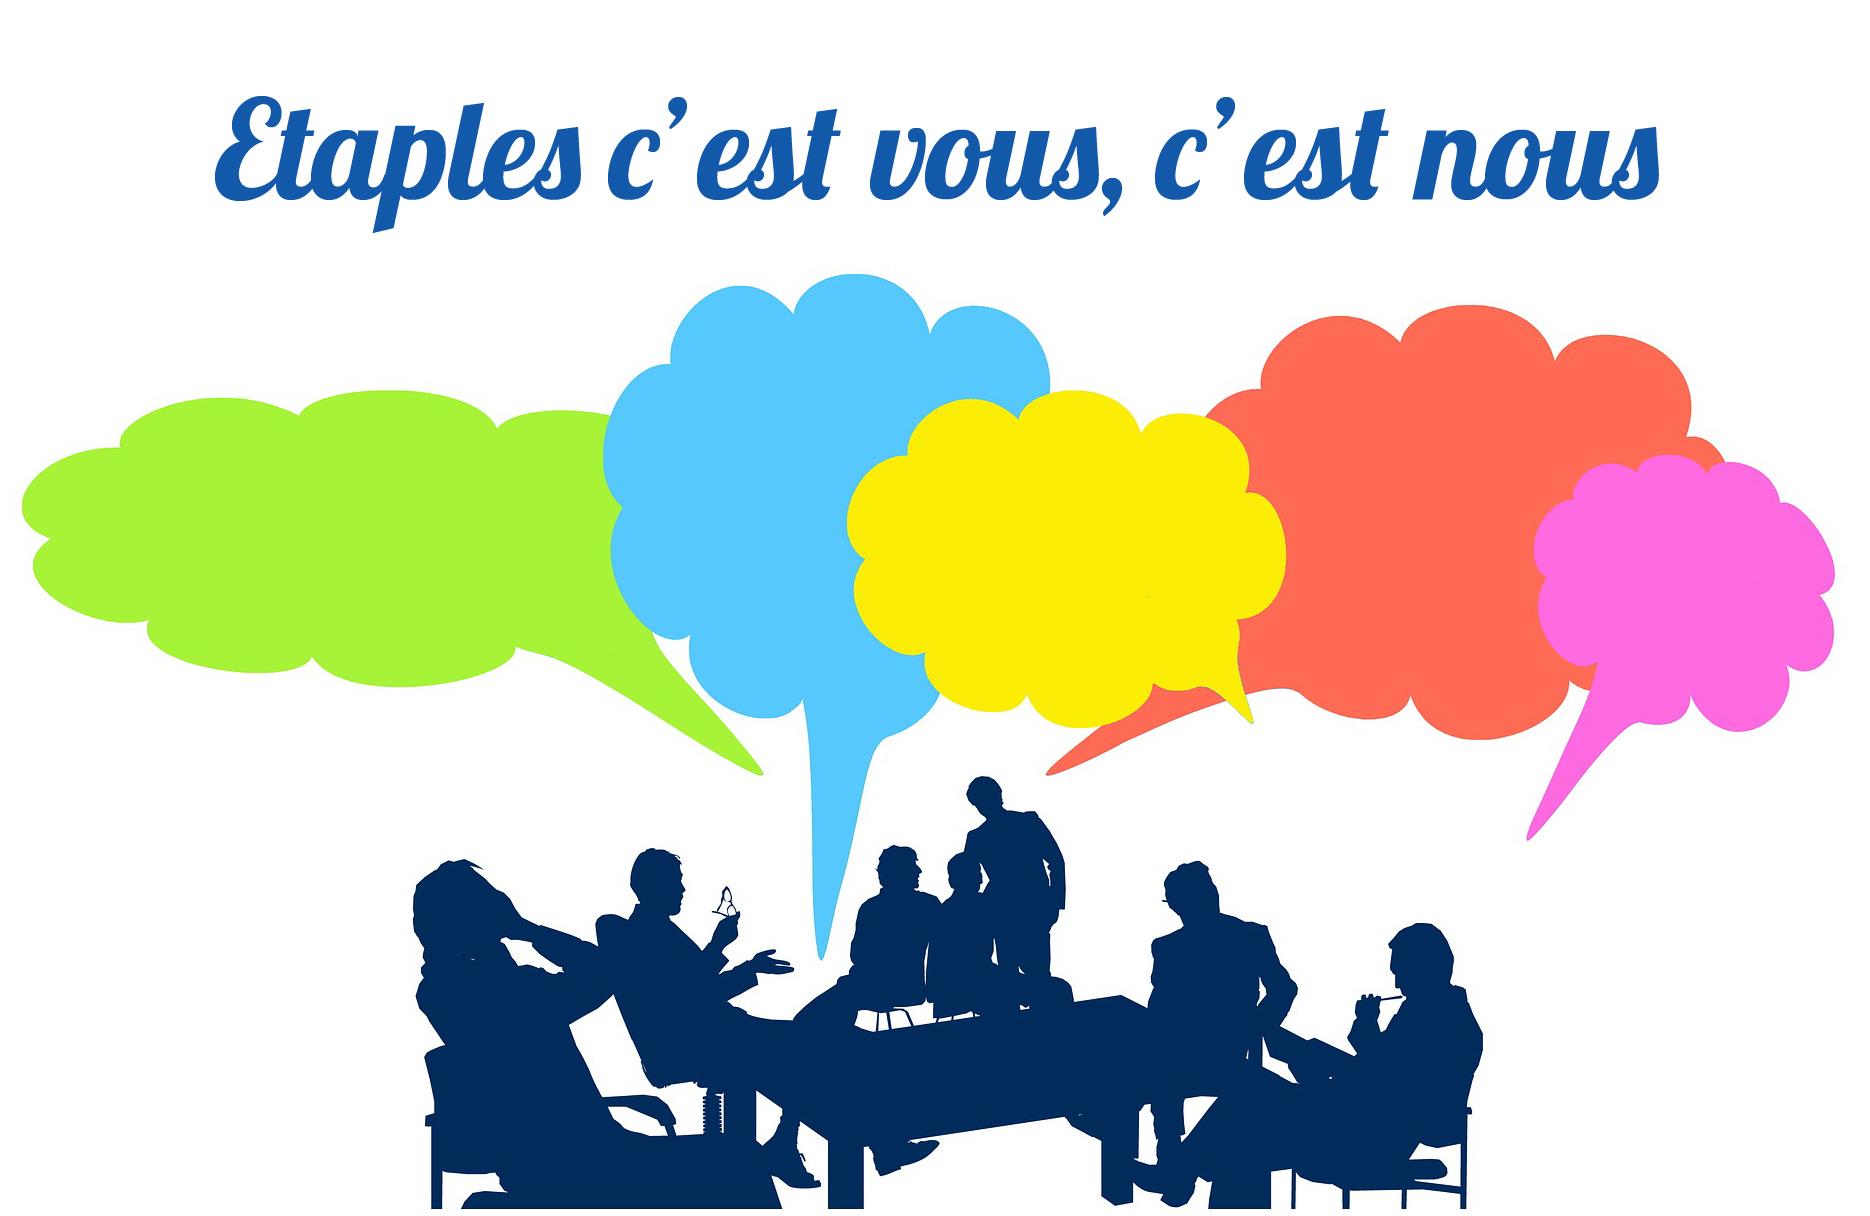 cest_vous_cest_nous